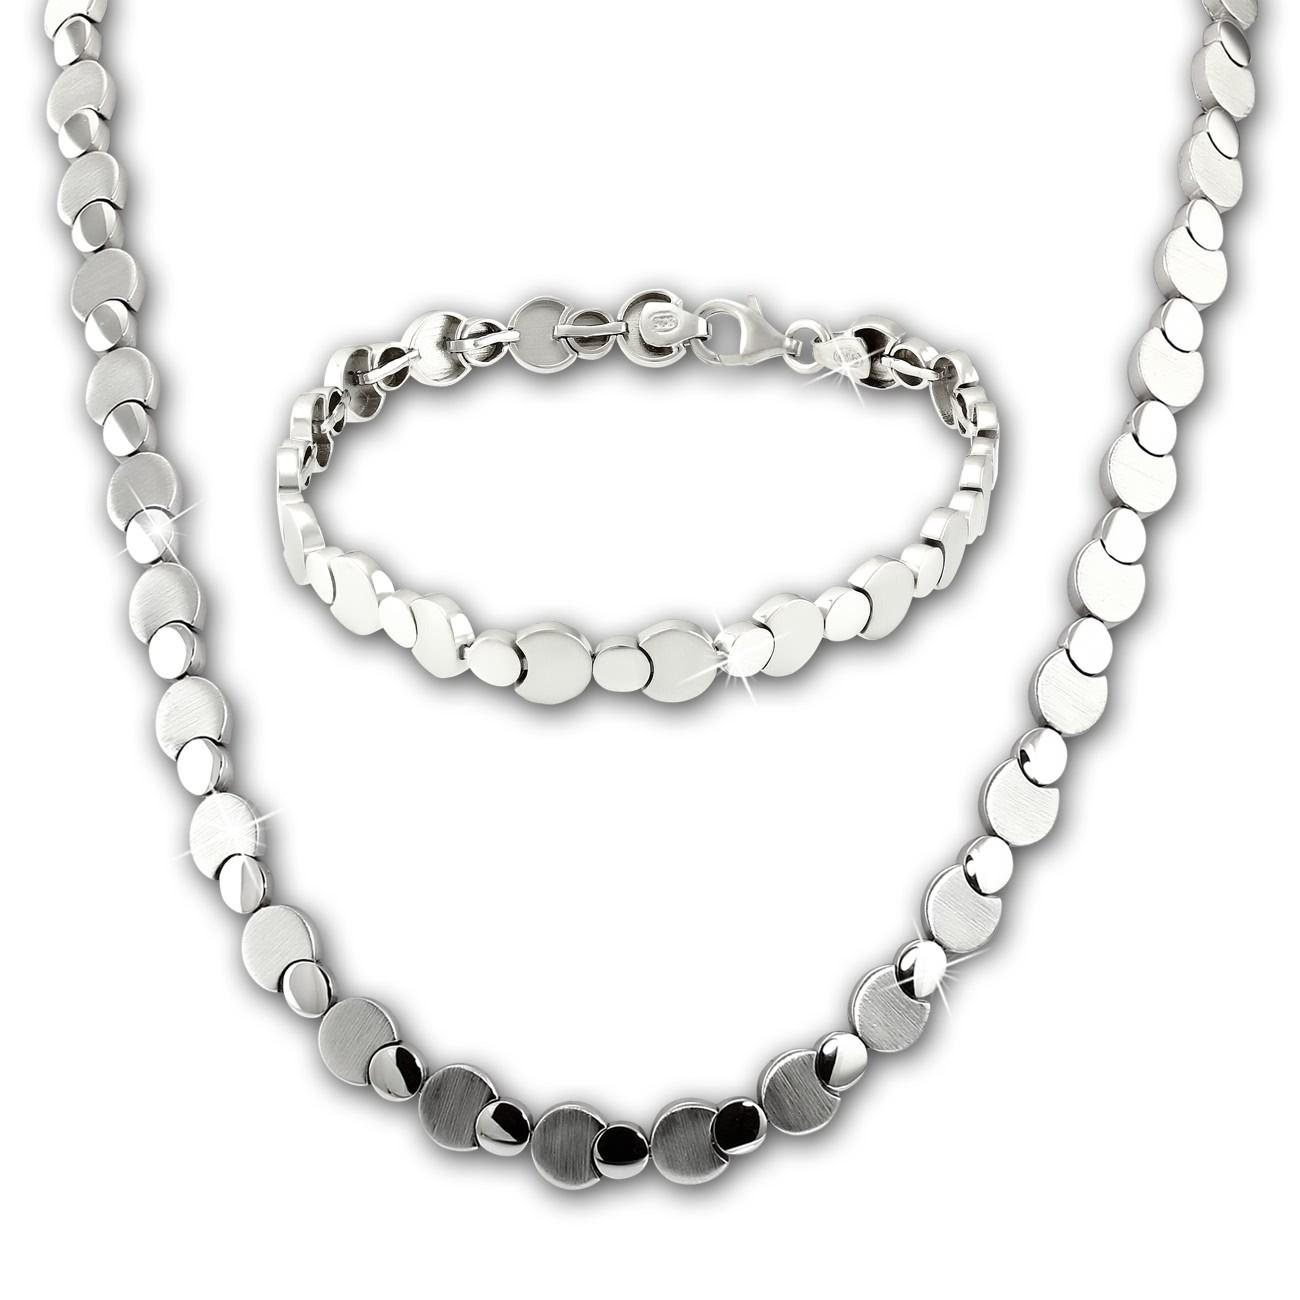 SilberDream Schmuck Set Circles Collier & Armband Damen 925 Silber SDS474J